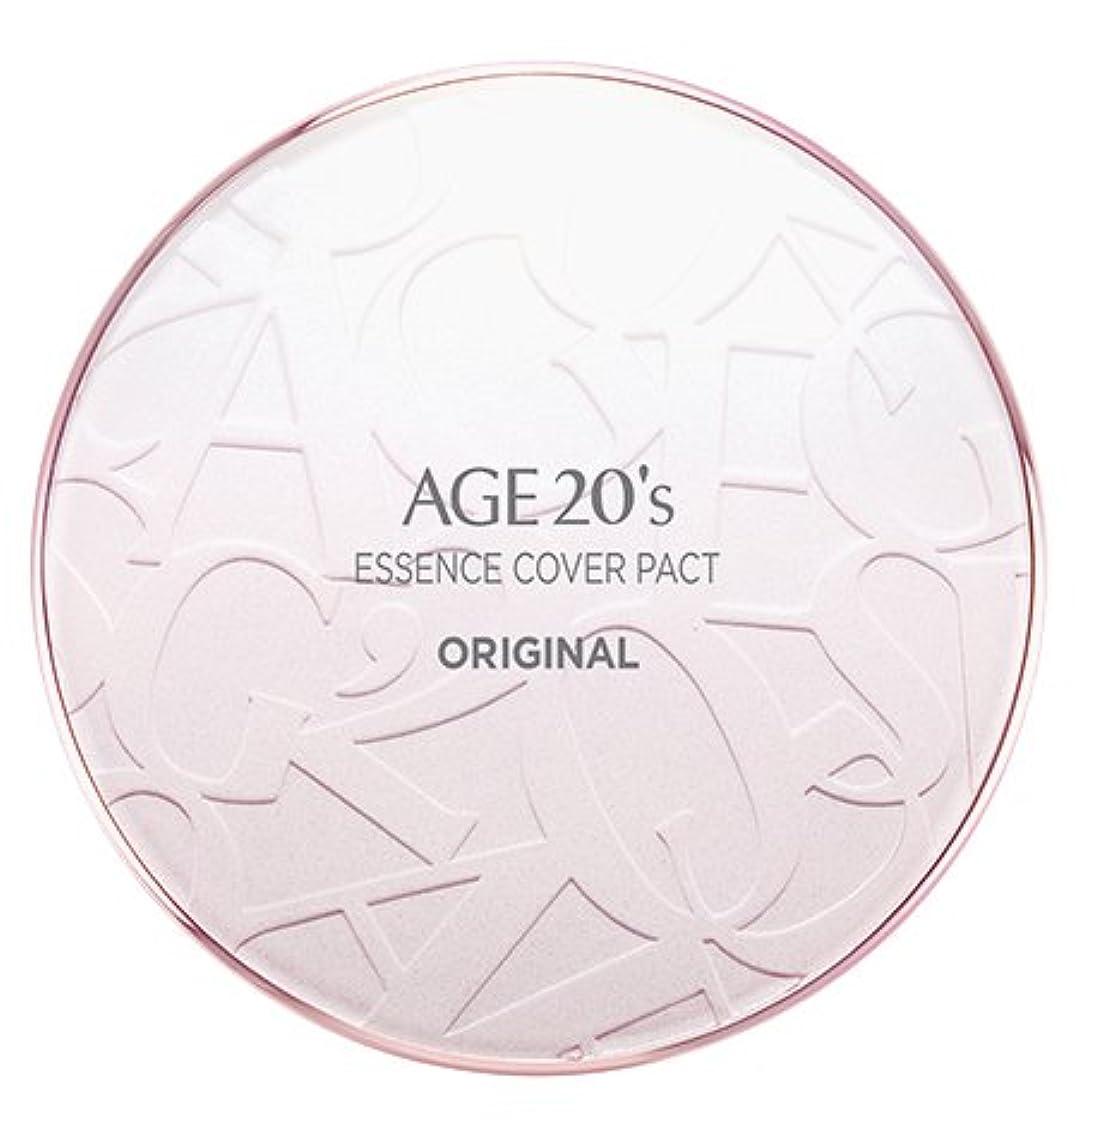 乗算公火星AGE 20's Essence Cover Pact Original [Pink Latte] 12.5g + Refill 12.5g (#21)/エイジ 20's エッセンス カバー パクト オリジナル [ピンクラテ...